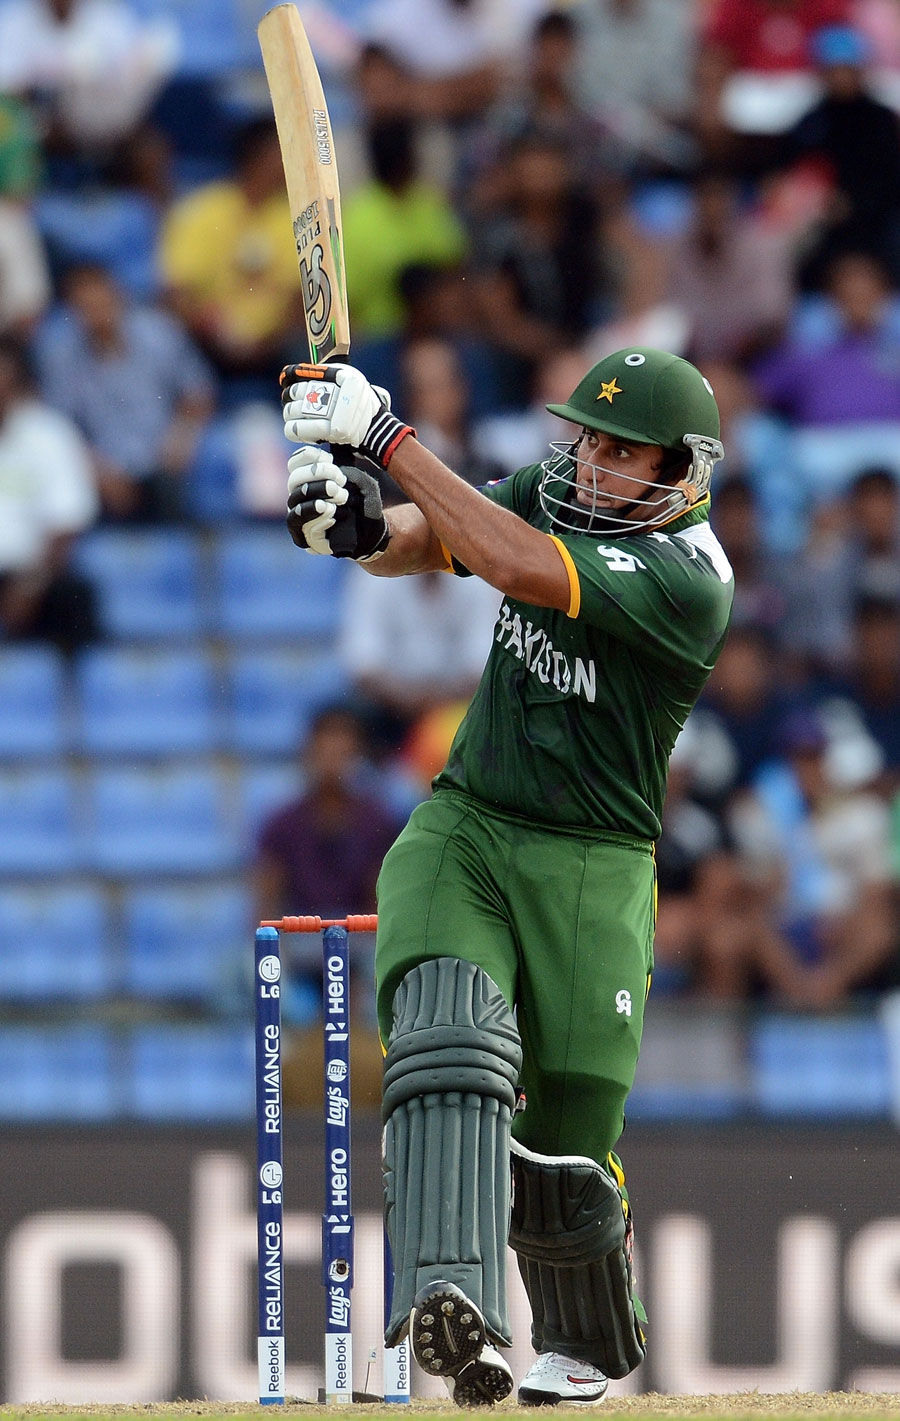 ناصر جمشید کے 56 رنز پاکستان کی جانب سے بہترین اسکور رہے، انہوں نے محض 35 گیندیں کھیلیں (تصویر: AFP)